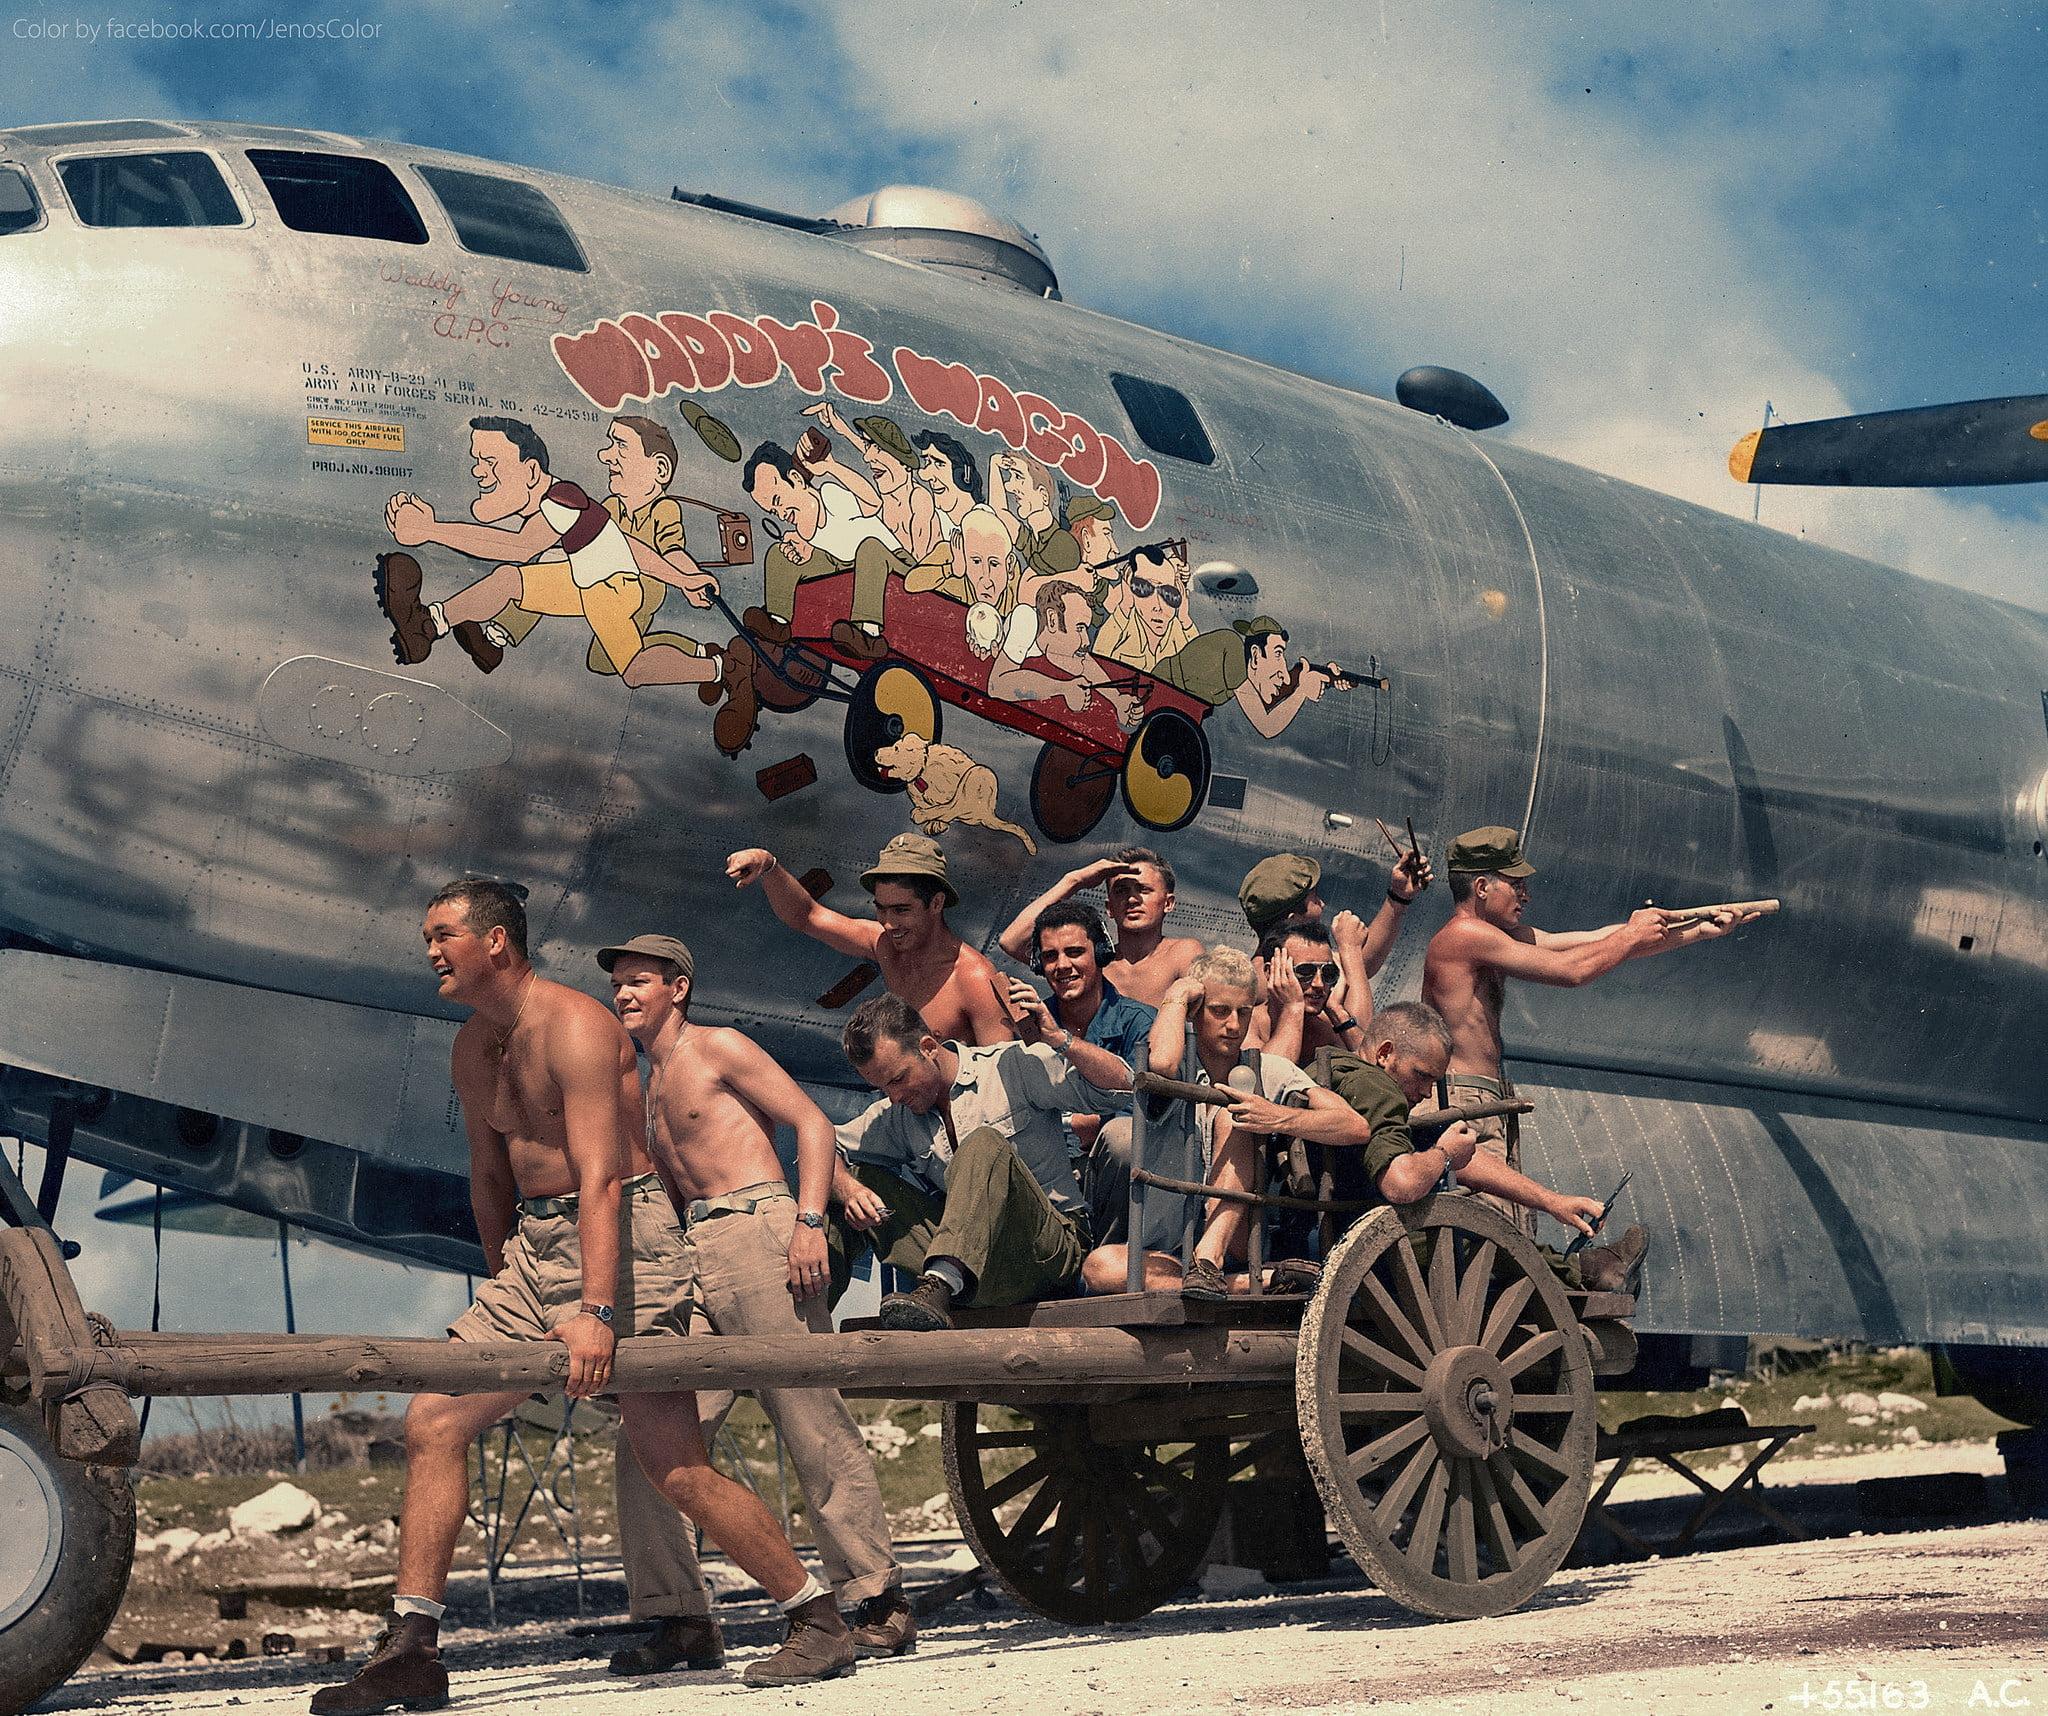 waddys-wagon ColorizedHistory : l'histoire sous un autre jour avec des photos colorisées